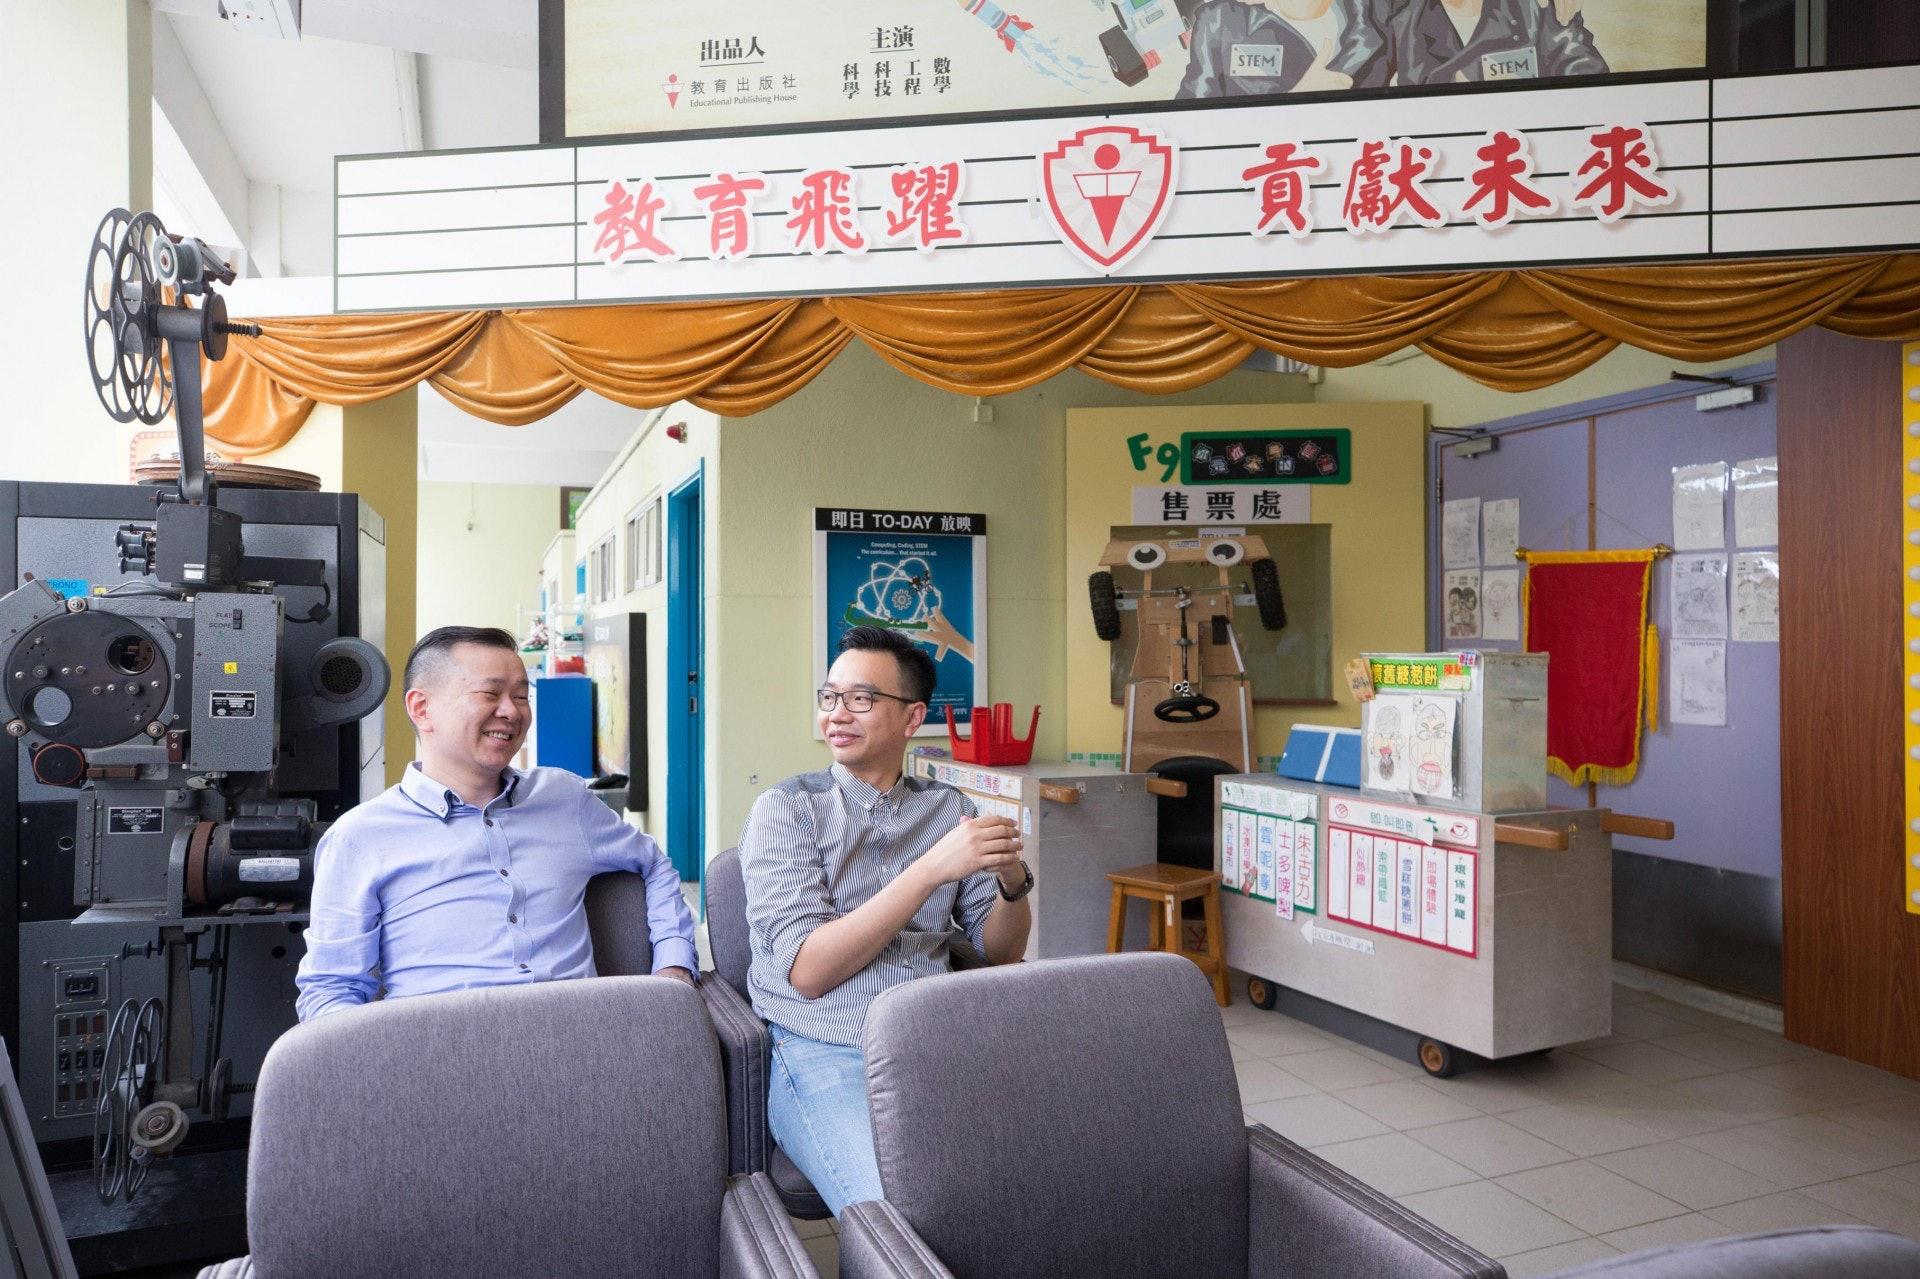 馮耀章(左)將於新學年接替朱子穎(右),成為天虹小學新任校長。(梁鵬威攝)